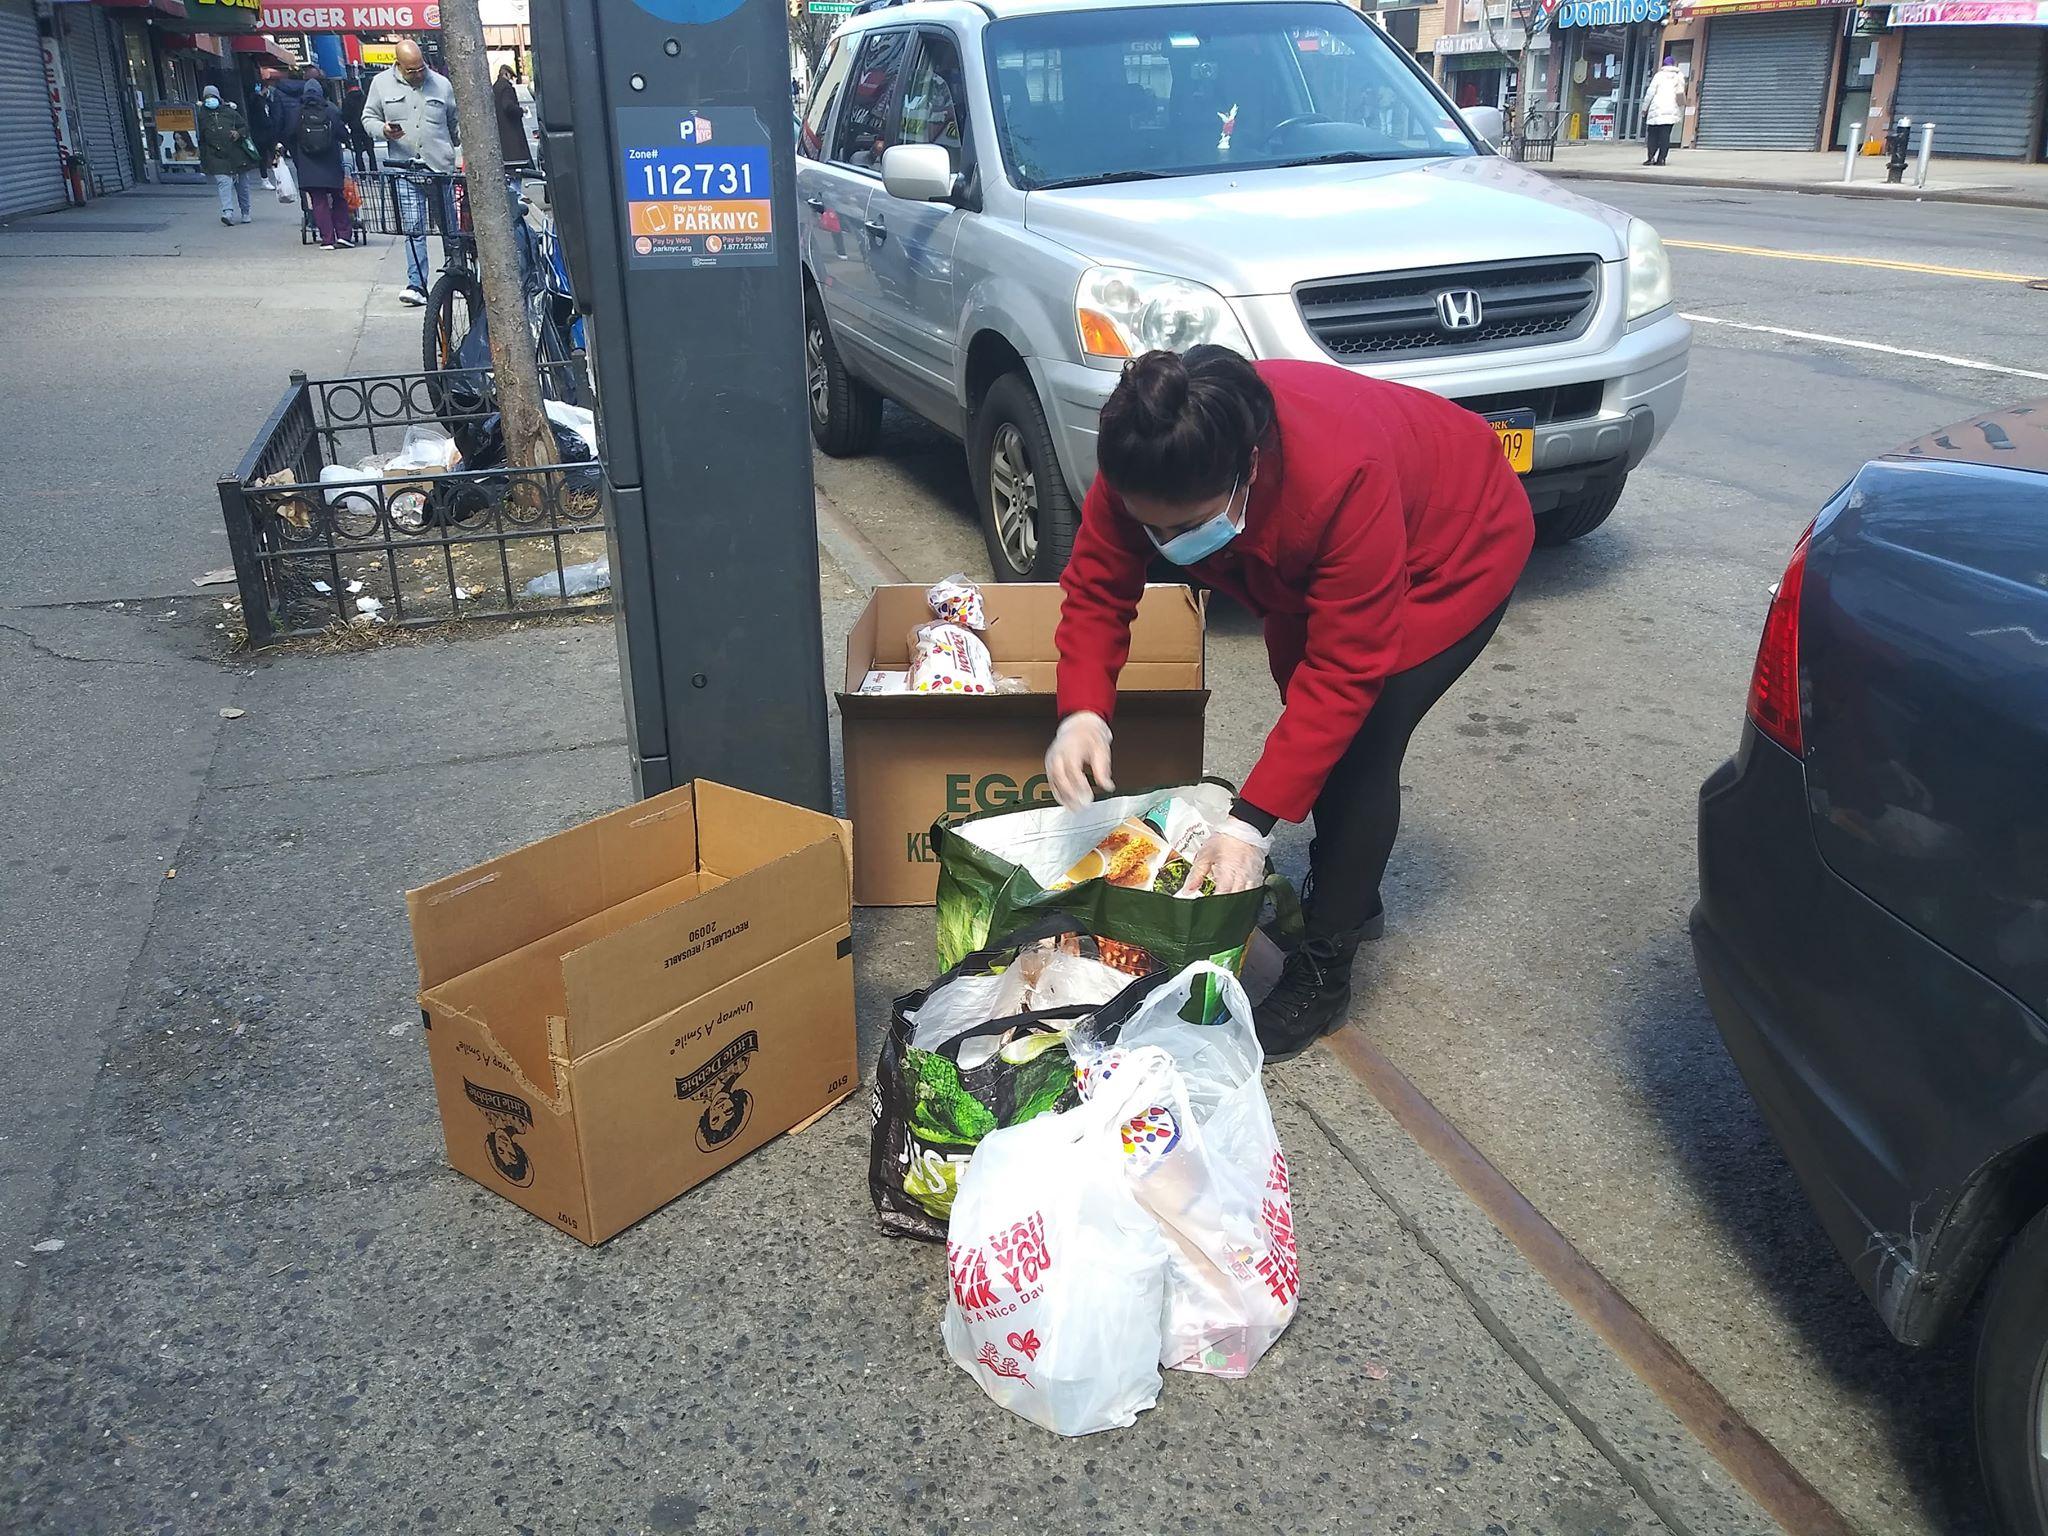 Voluntaria del grupo de mexicanos que por iniciativa de Francisco Ramírez y Sandra Pérez se dedican a repartir despensas de comida a los inmigrantes que están pasando hambre en la ciudad de Nueva York, a causa de la pandemia de Covid-19.